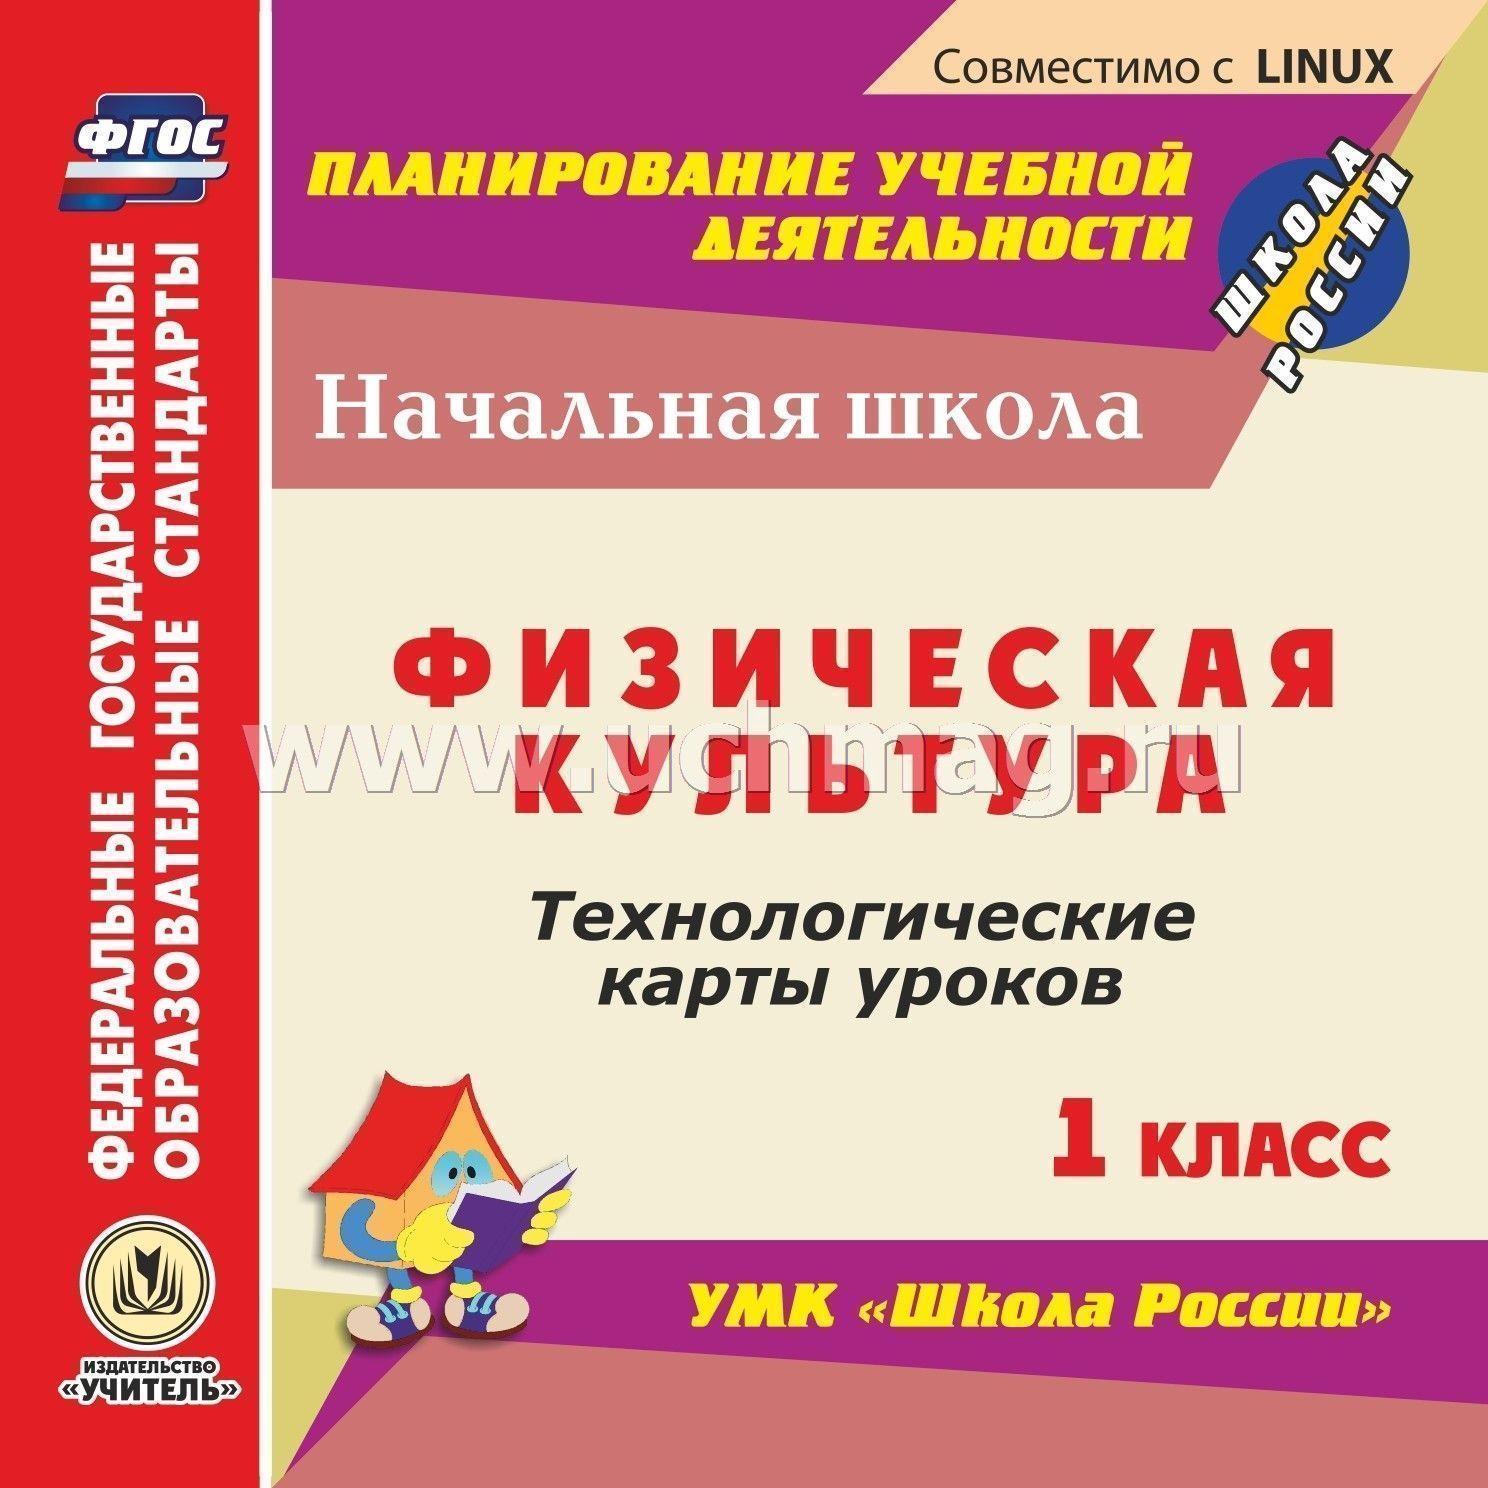 Видео уроки конспекты по фгос начальная школа 1 класс школа россии